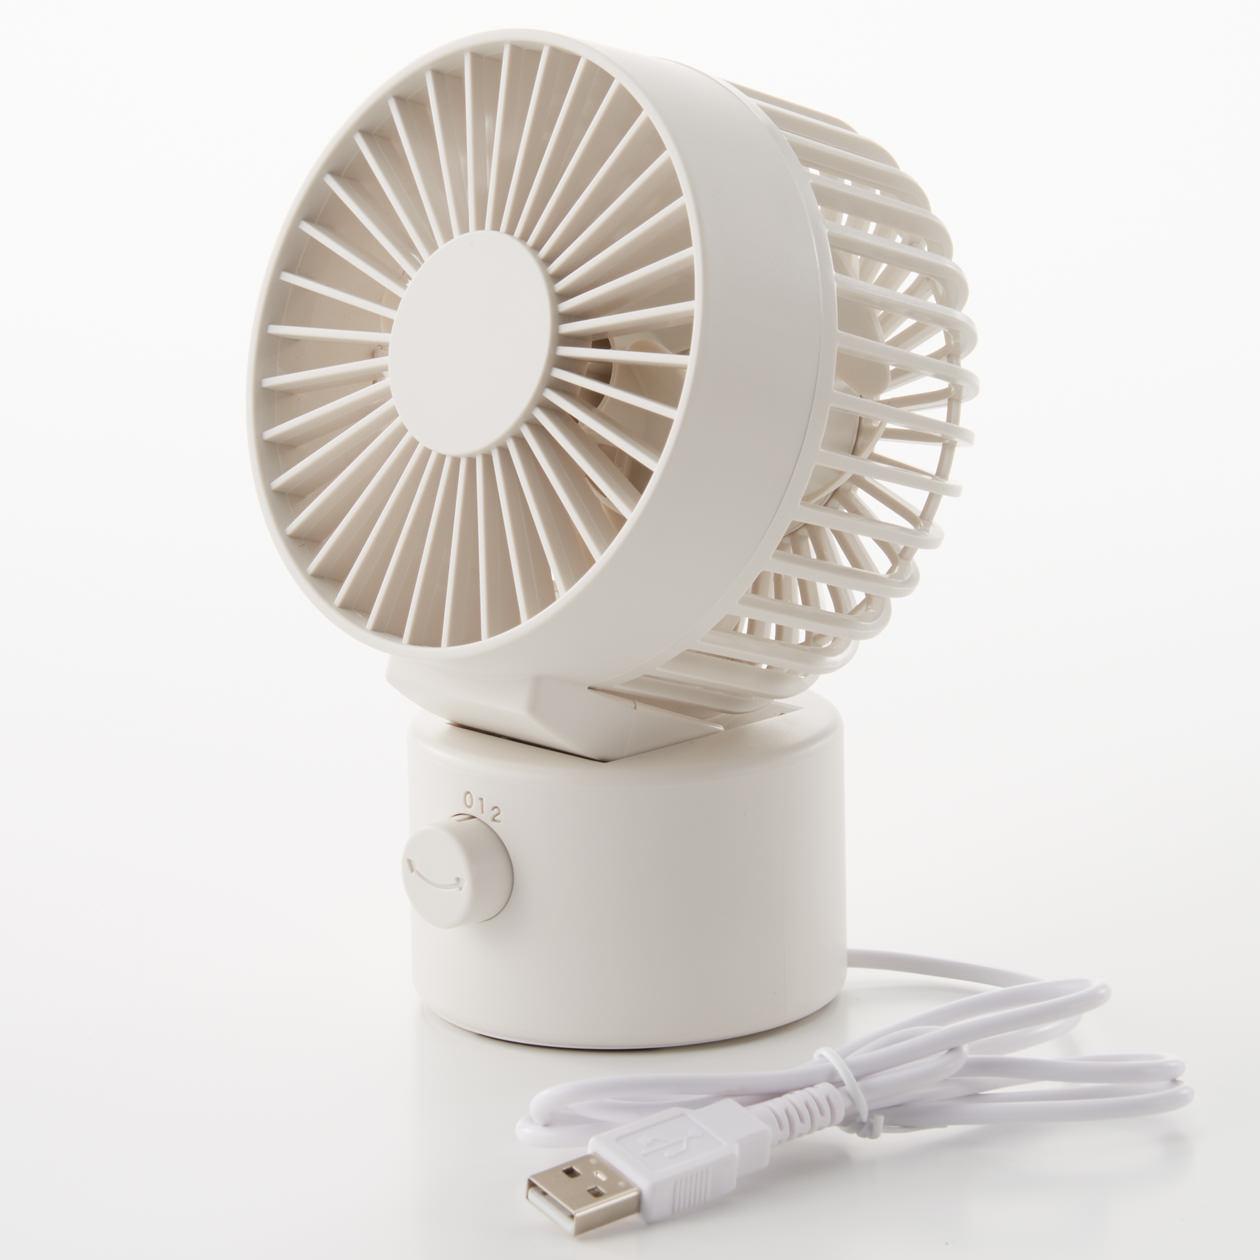 低噪音USB座檯風扇 - 轉動式 | 無印良品 MUJI